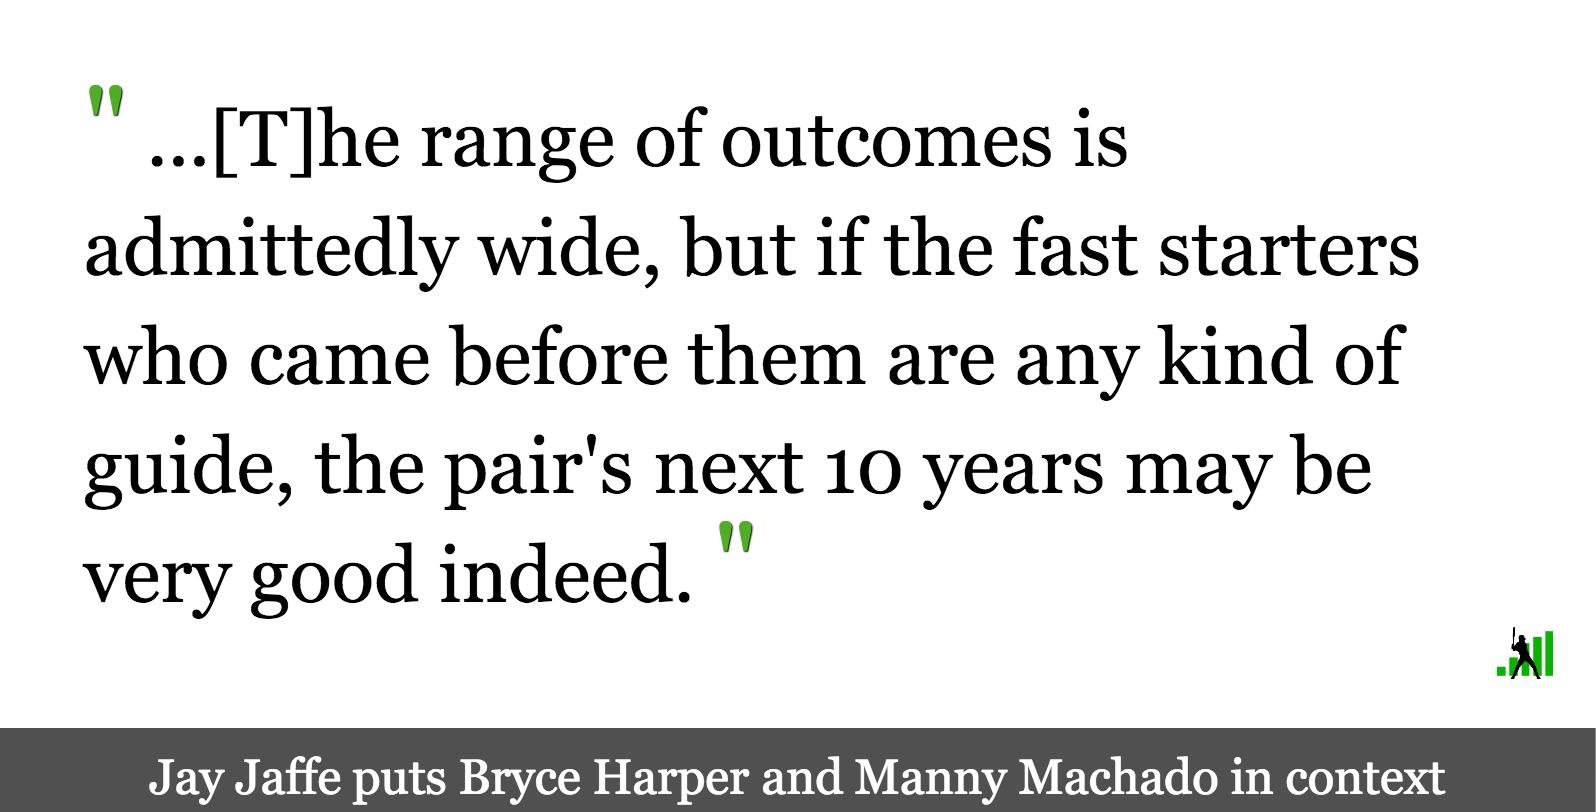 Harper, Machado, Betts, and History